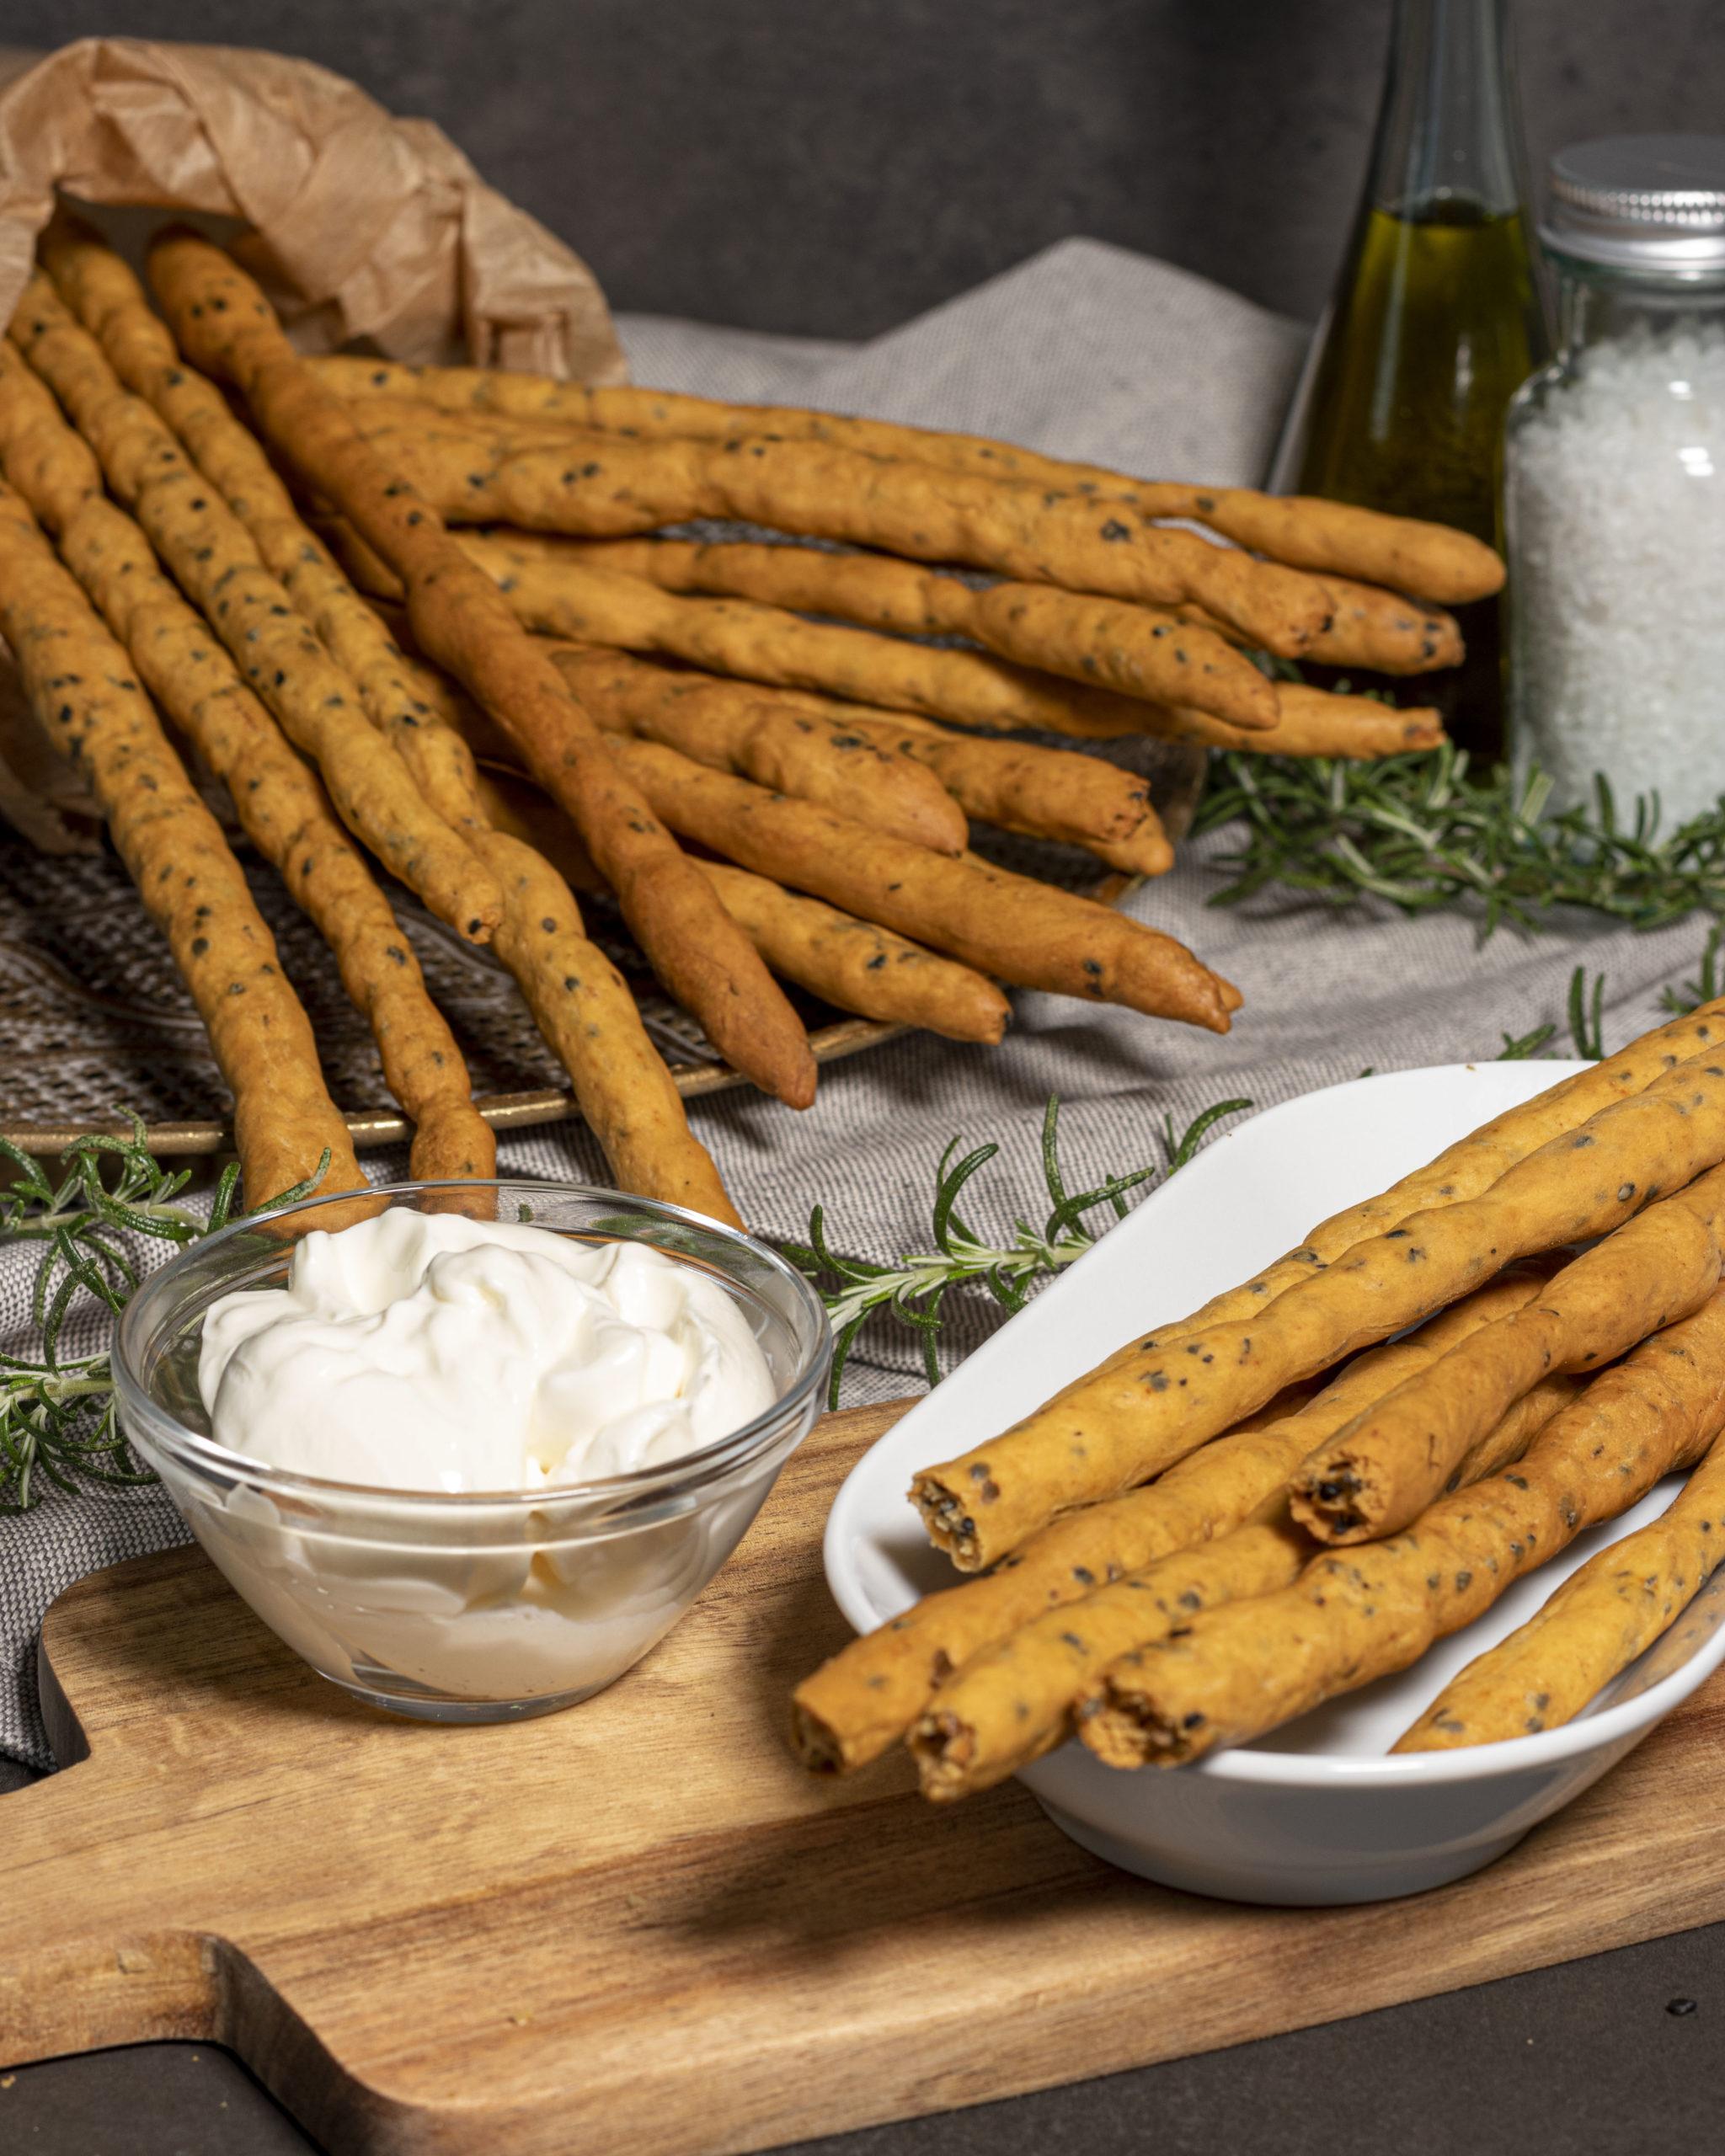 Ricetta Grissini Con Semi Di Zucca.Grissini Croccantissimi Con Semi Di Zucca Sesamo Nero E Paprika Affumicata